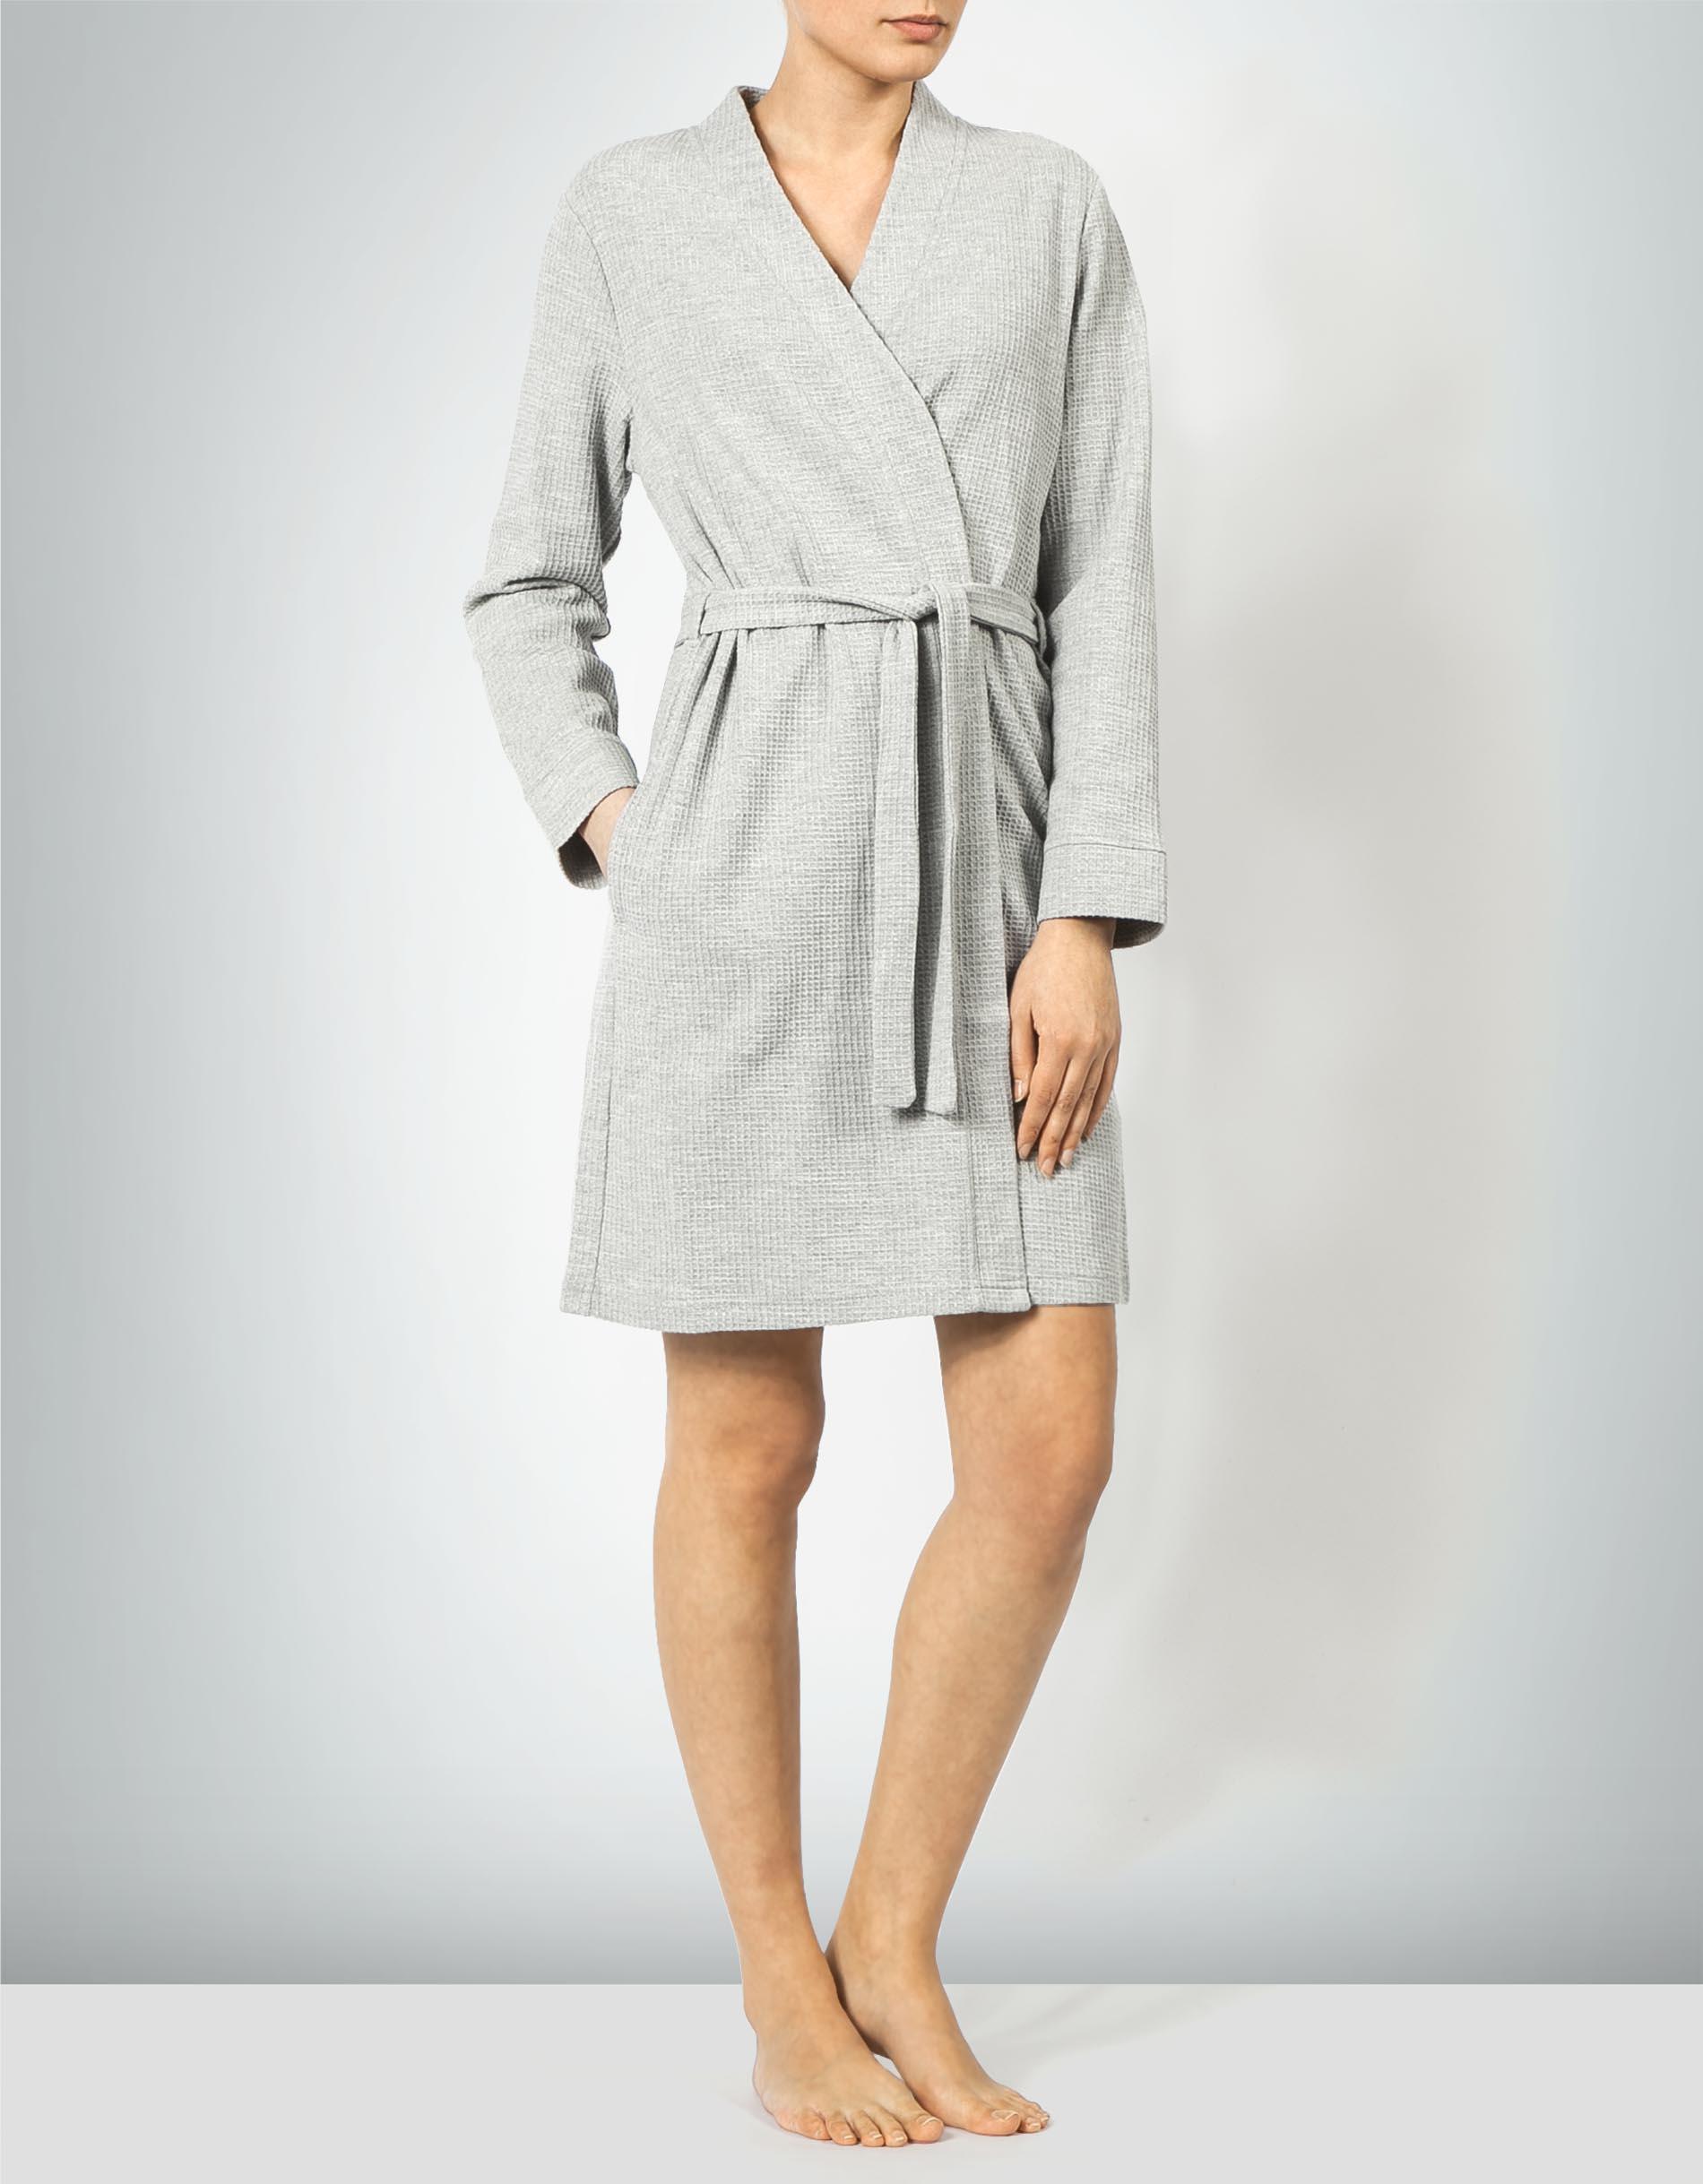 große Vielfalt Modelle beste Qualität für geeignet für Männer/Frauen Calvin Klein Underwear Calvin Klein Damen Bademantel in ...